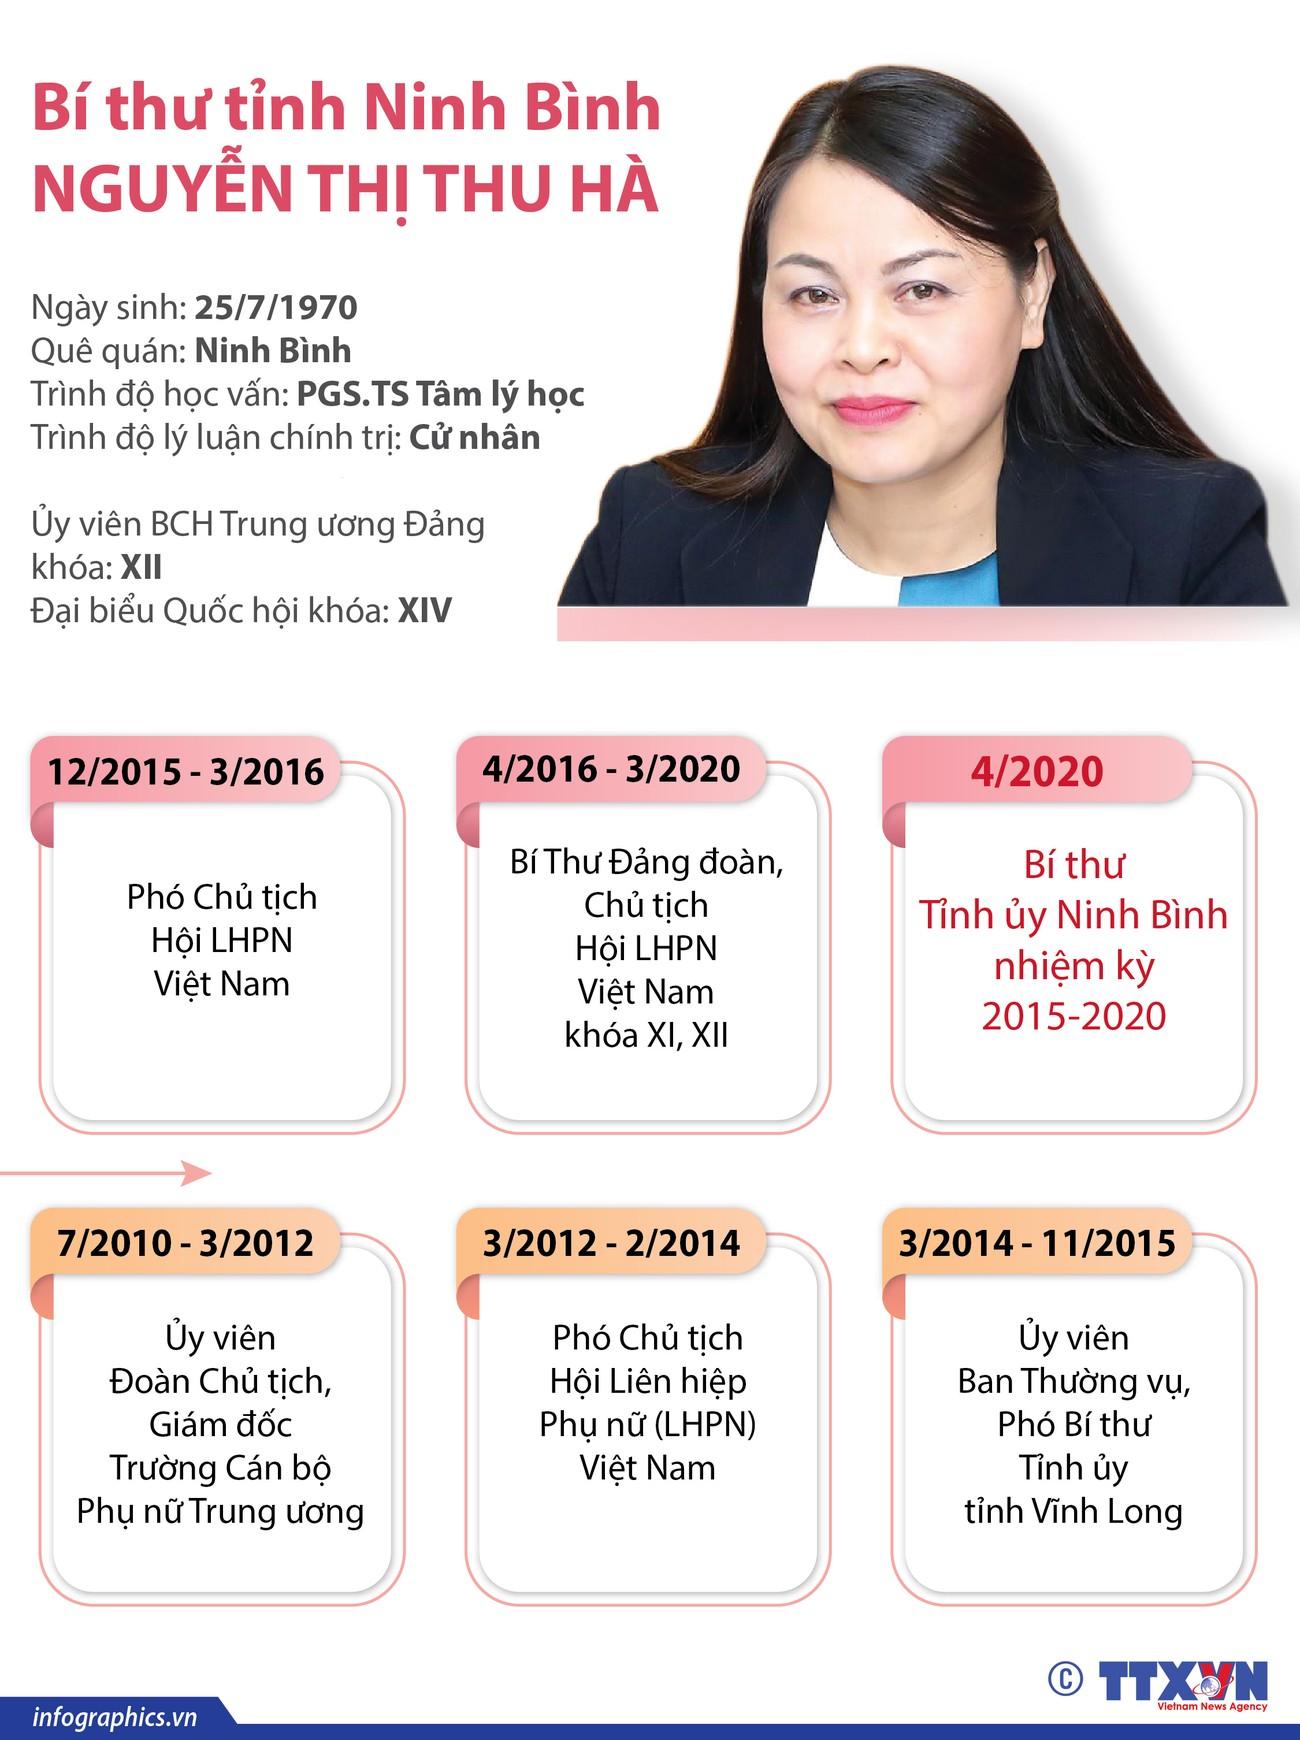 Chân dung tân Bí thư tỉnh Ninh Bình Nguyễn Thị Thu Hà ảnh 1